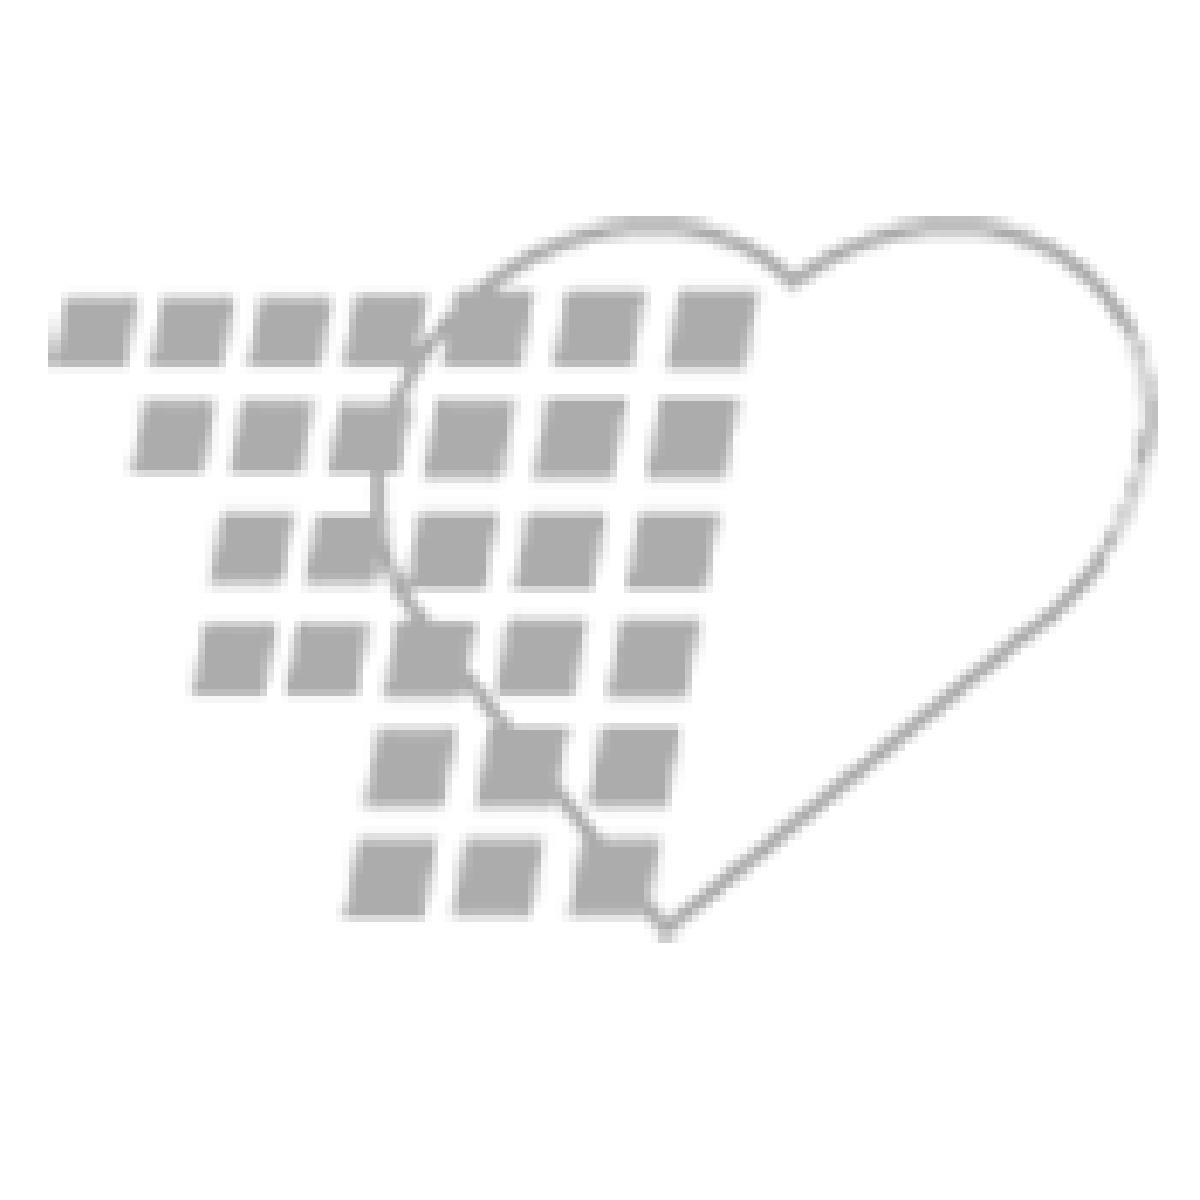 05-51-4108 ClearCool Hydrogel Burn Dressing